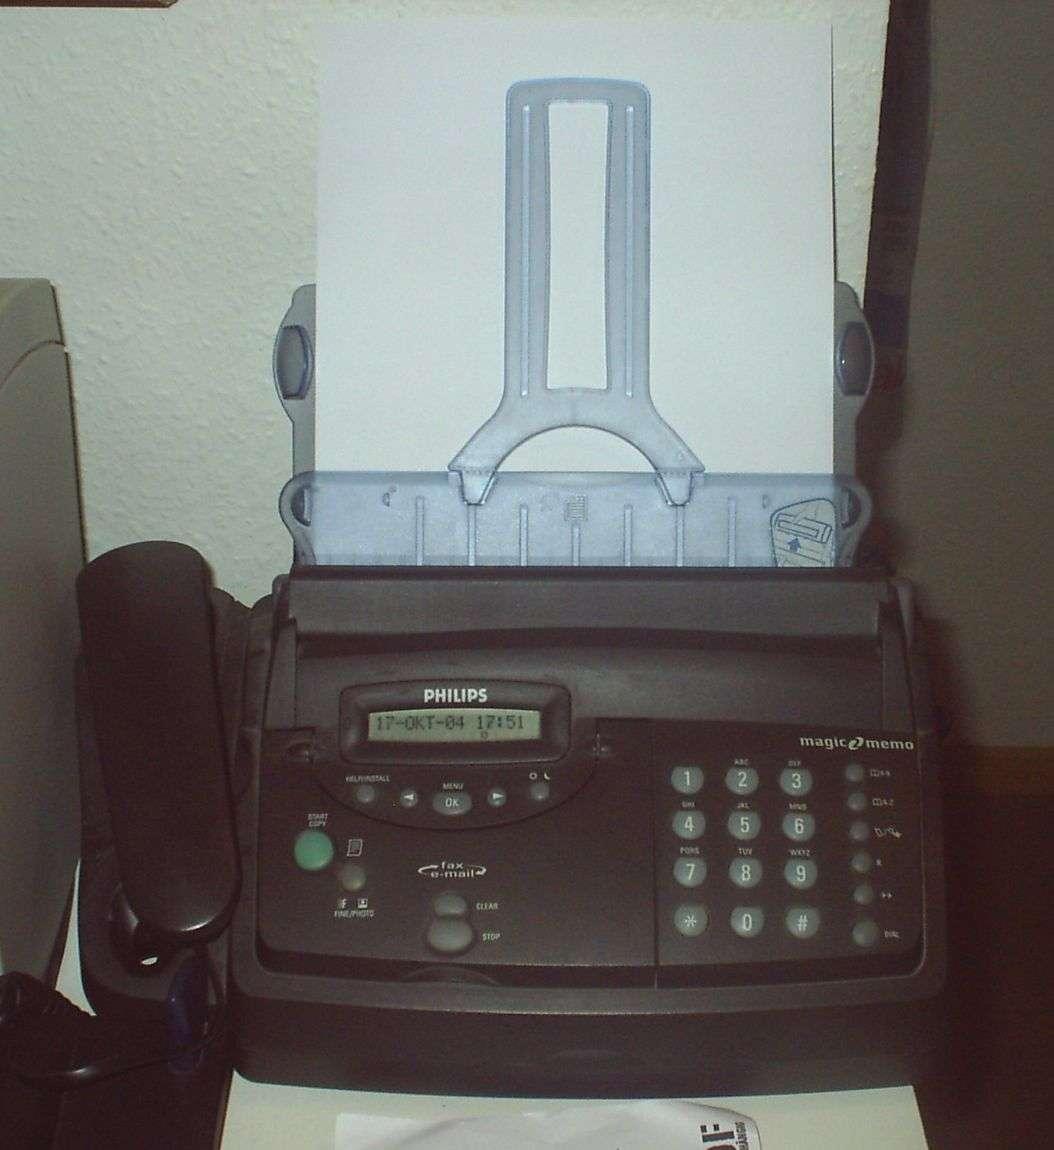 Le fax accélère le développement des échanges mais en tant qu'objet il tend à disparaître au profit du fax Internet. © ChtiTux, CC BY-SA 3.0, Wikimedia Commons